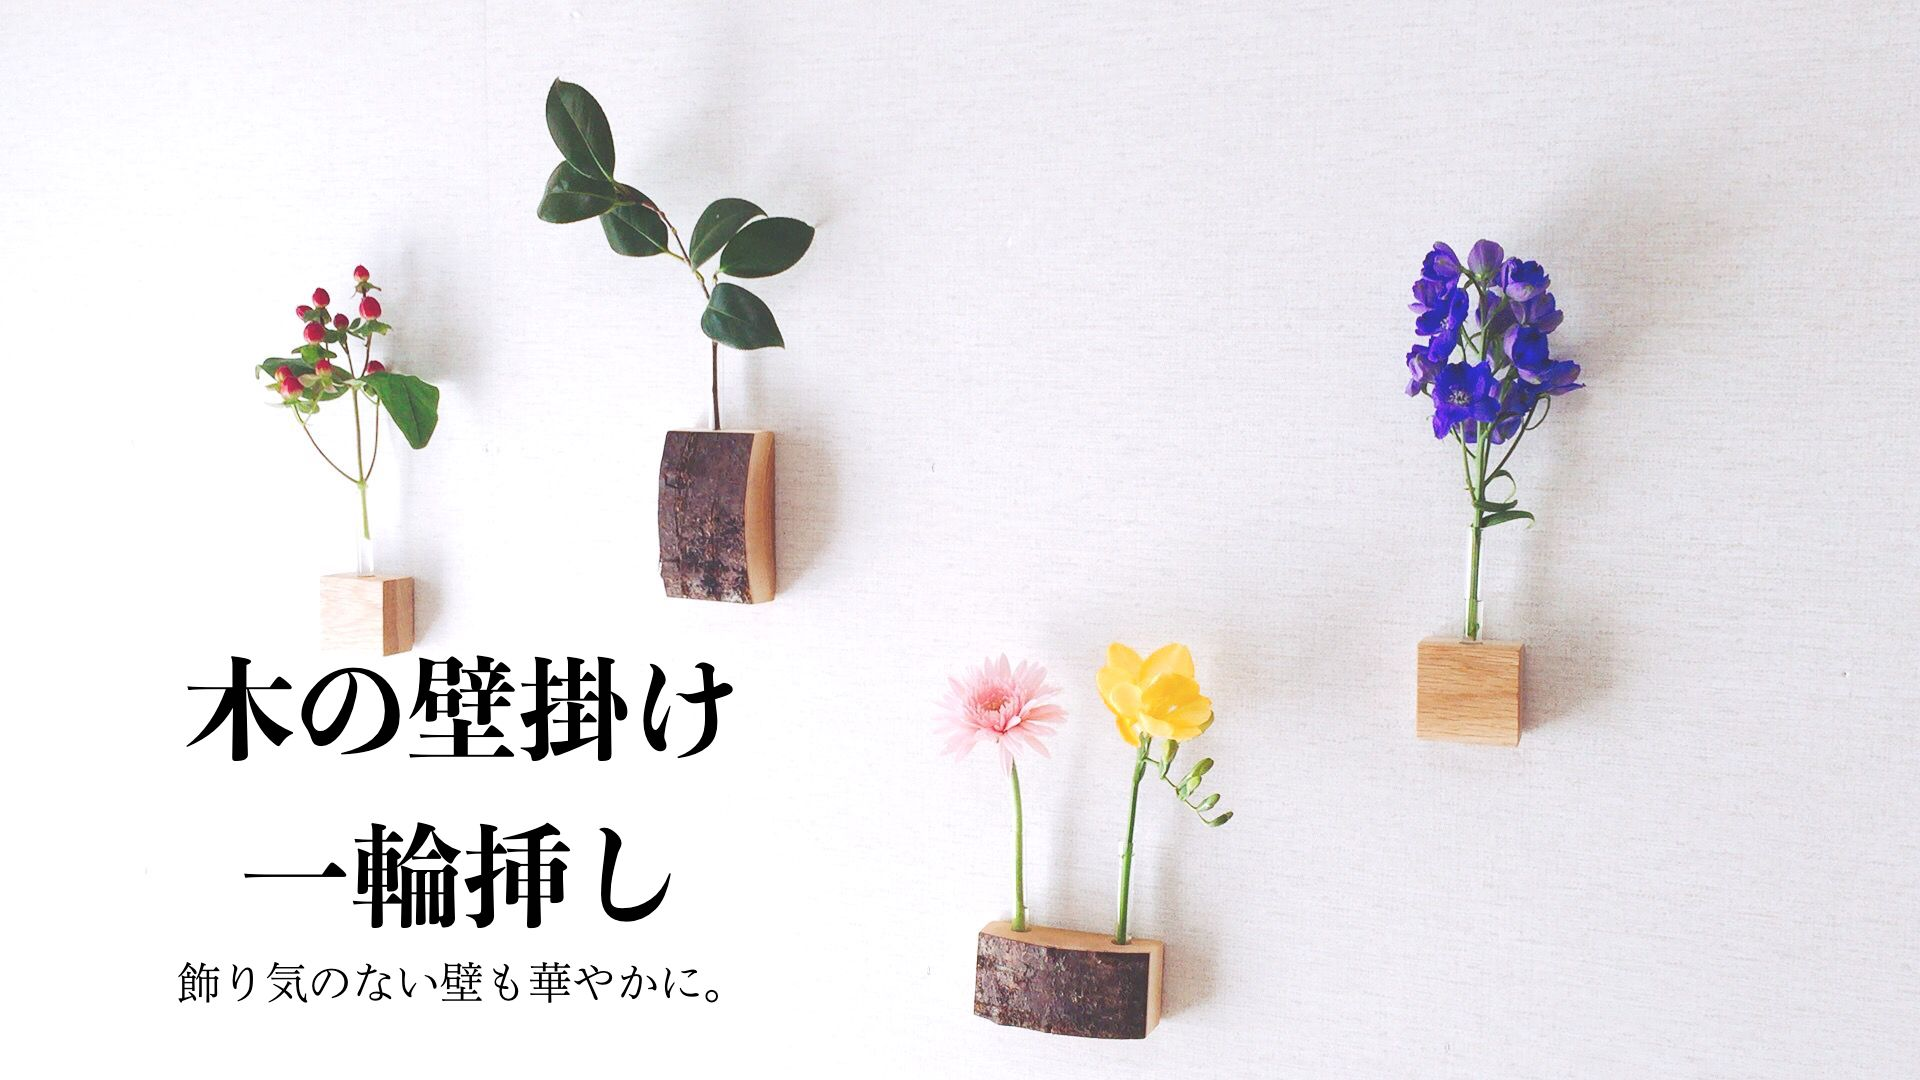 プレゼントにも最適。お花や植物と相性抜群な木の一輪挿しオススメ5選。